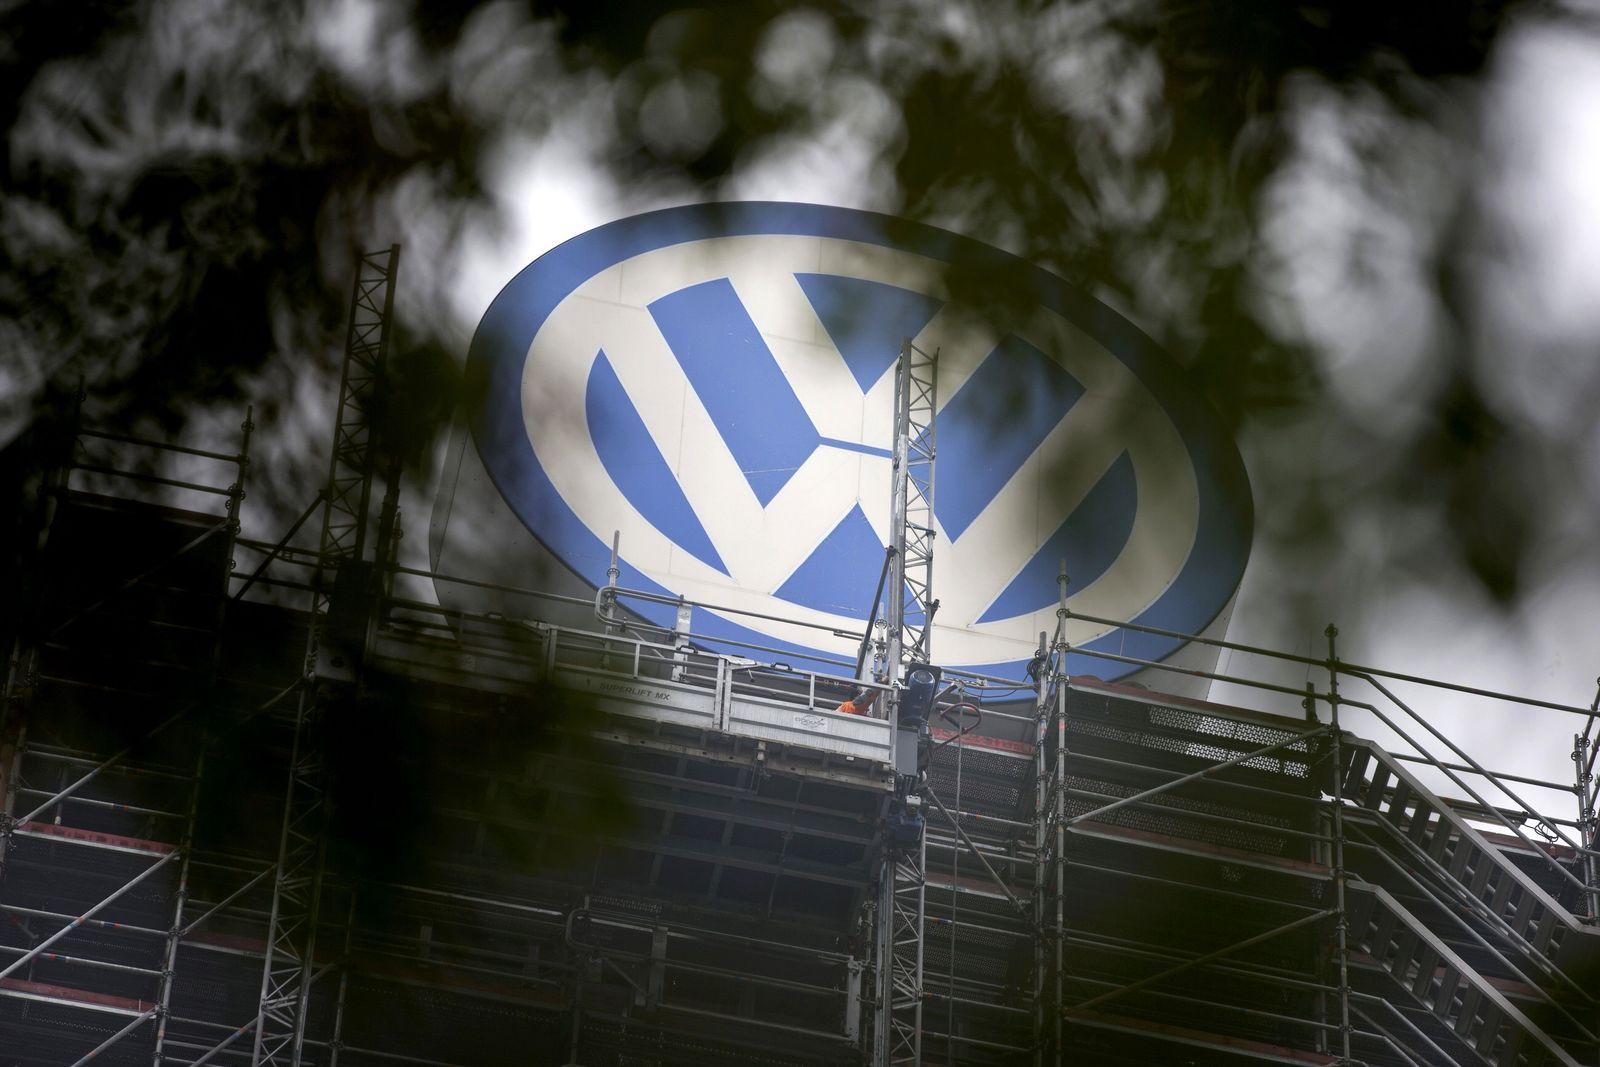 VW / Volkswagen Wolfsburg